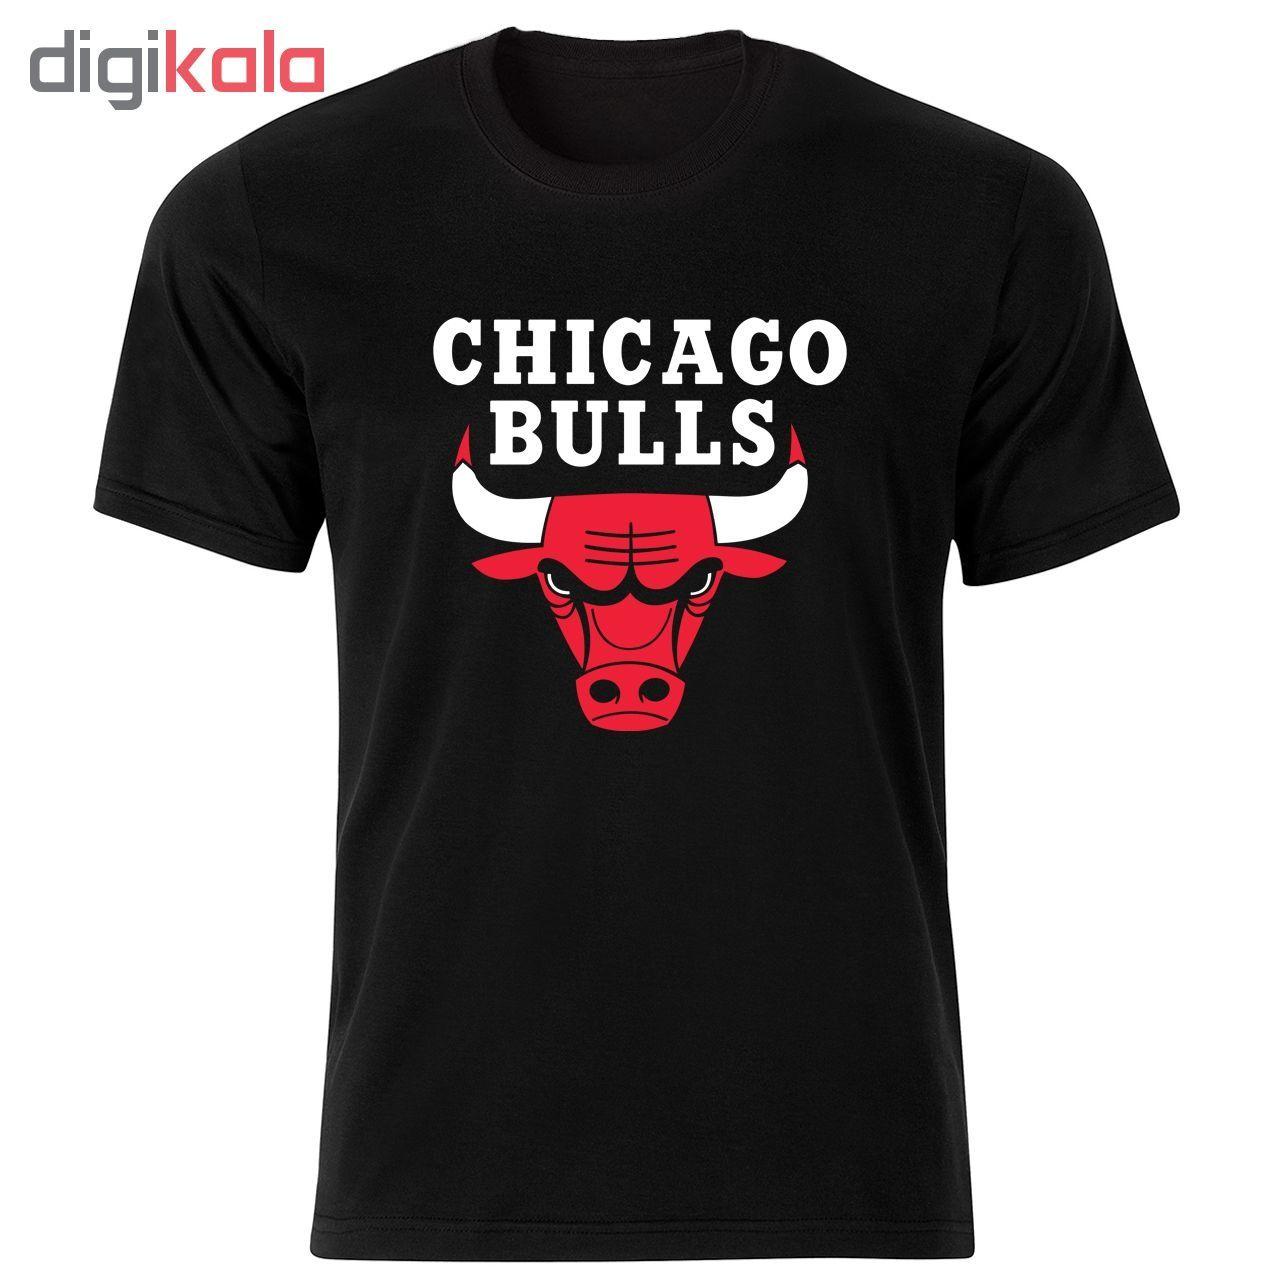 تی شرت مردانه طرح شیکاگو بولز کد 34371 main 1 1